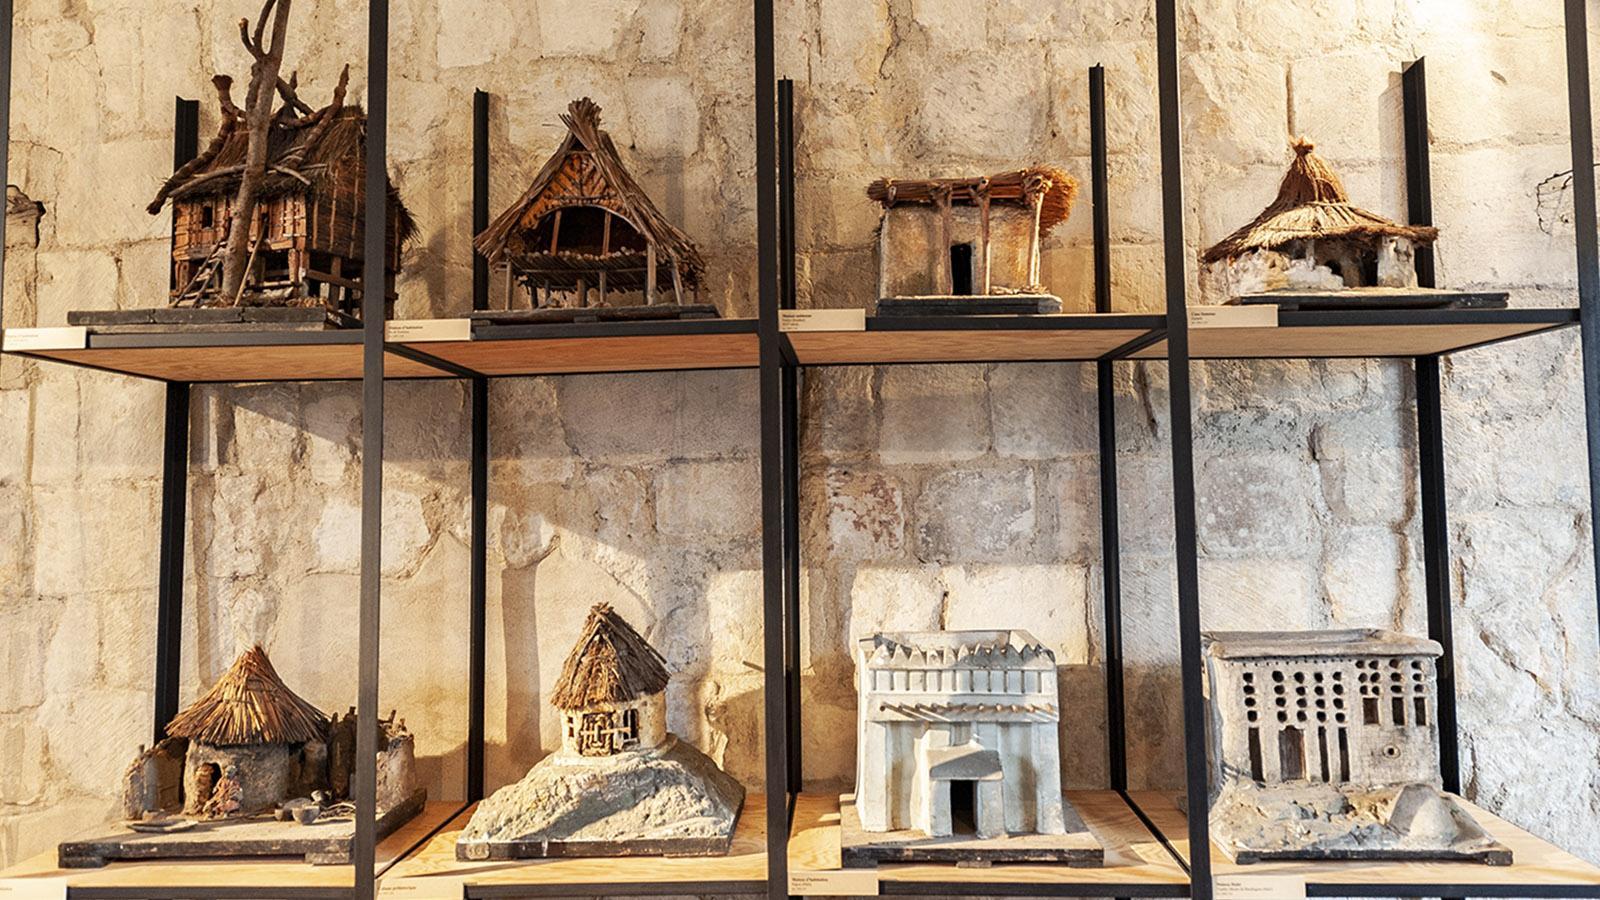 Sammlung Gosselin in der Abtei von Graville / Le Havre